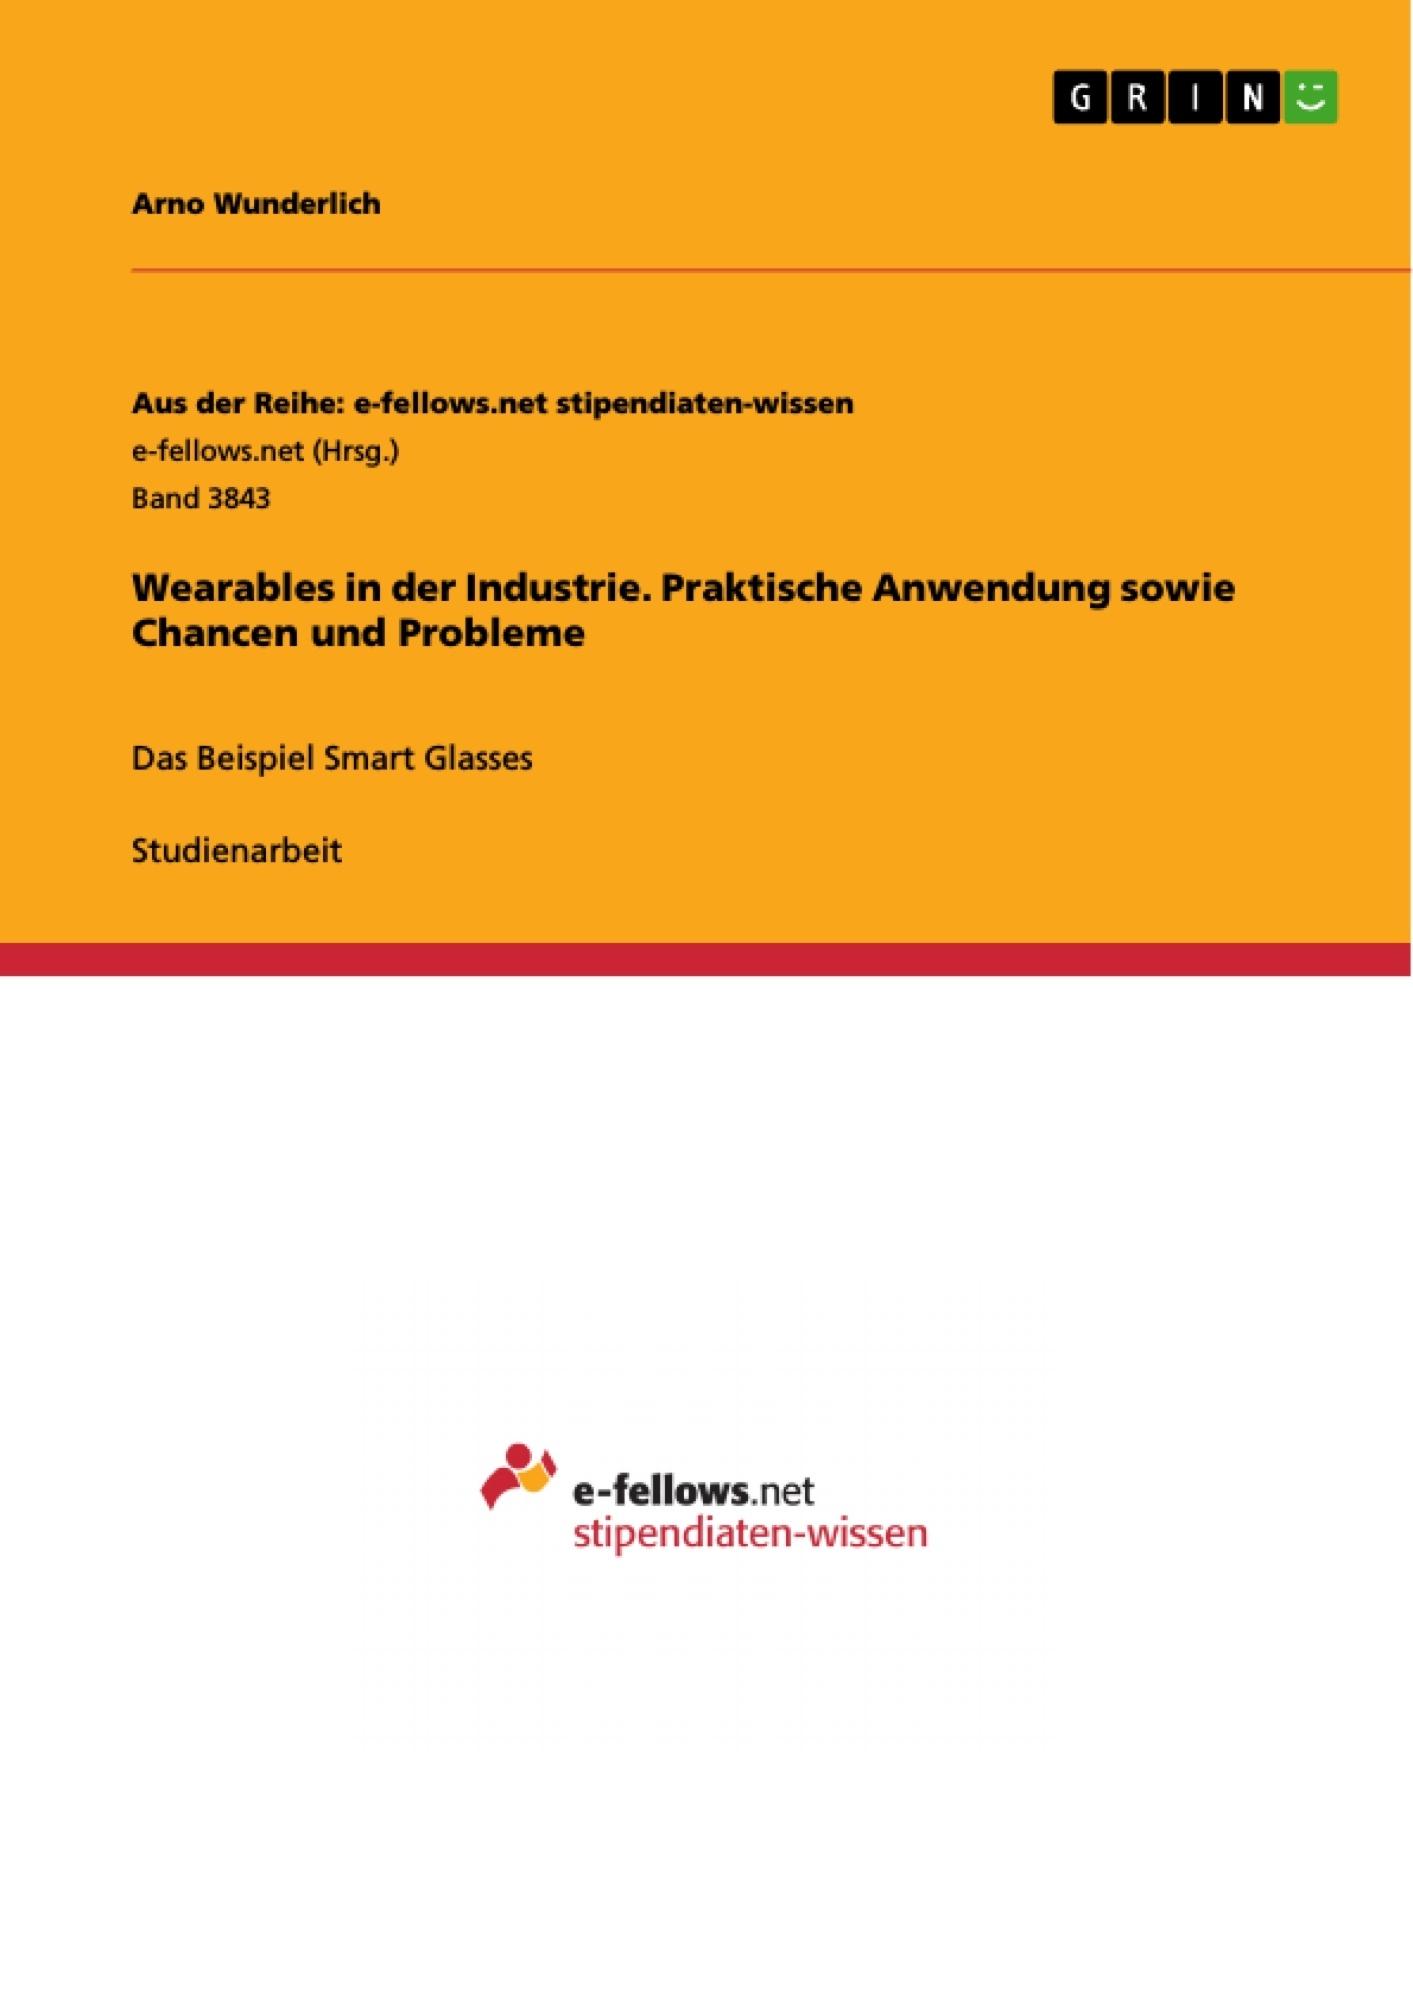 Titel: Wearables in der Industrie. Praktische Anwendung sowie Chancen und Probleme